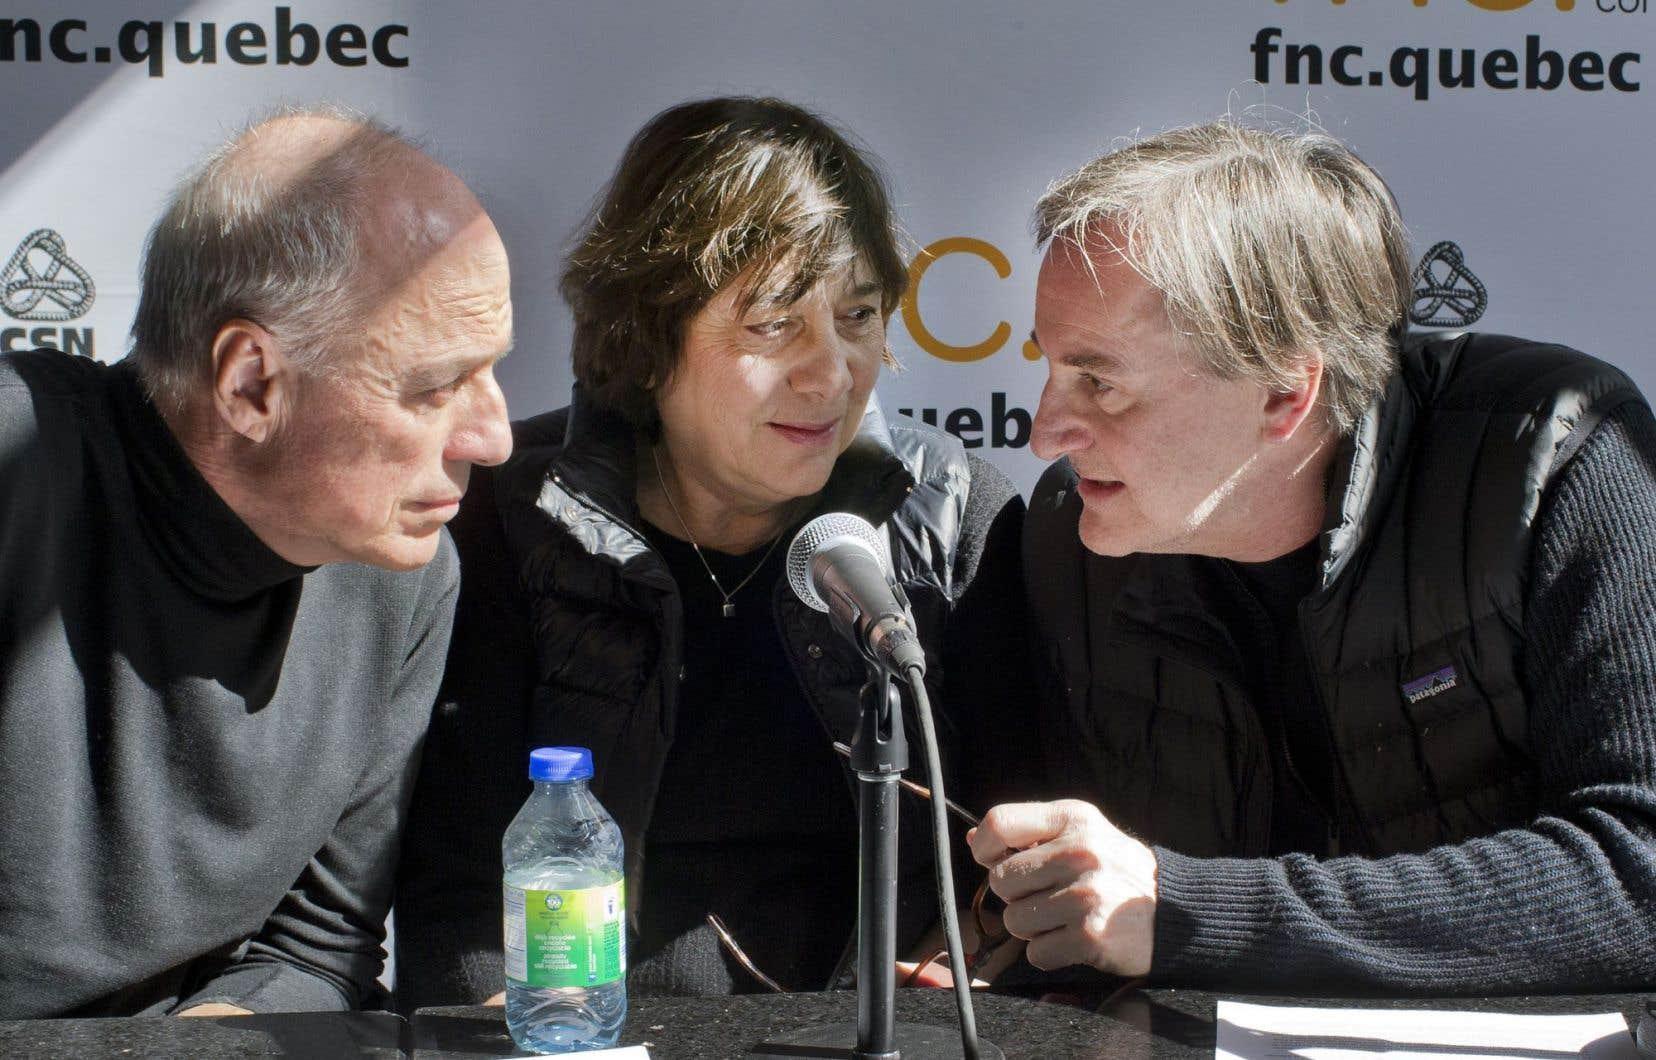 Les cinéastes Charles Binamé et Léa Pool en grande discussion avec le comédien Yves Jacques.